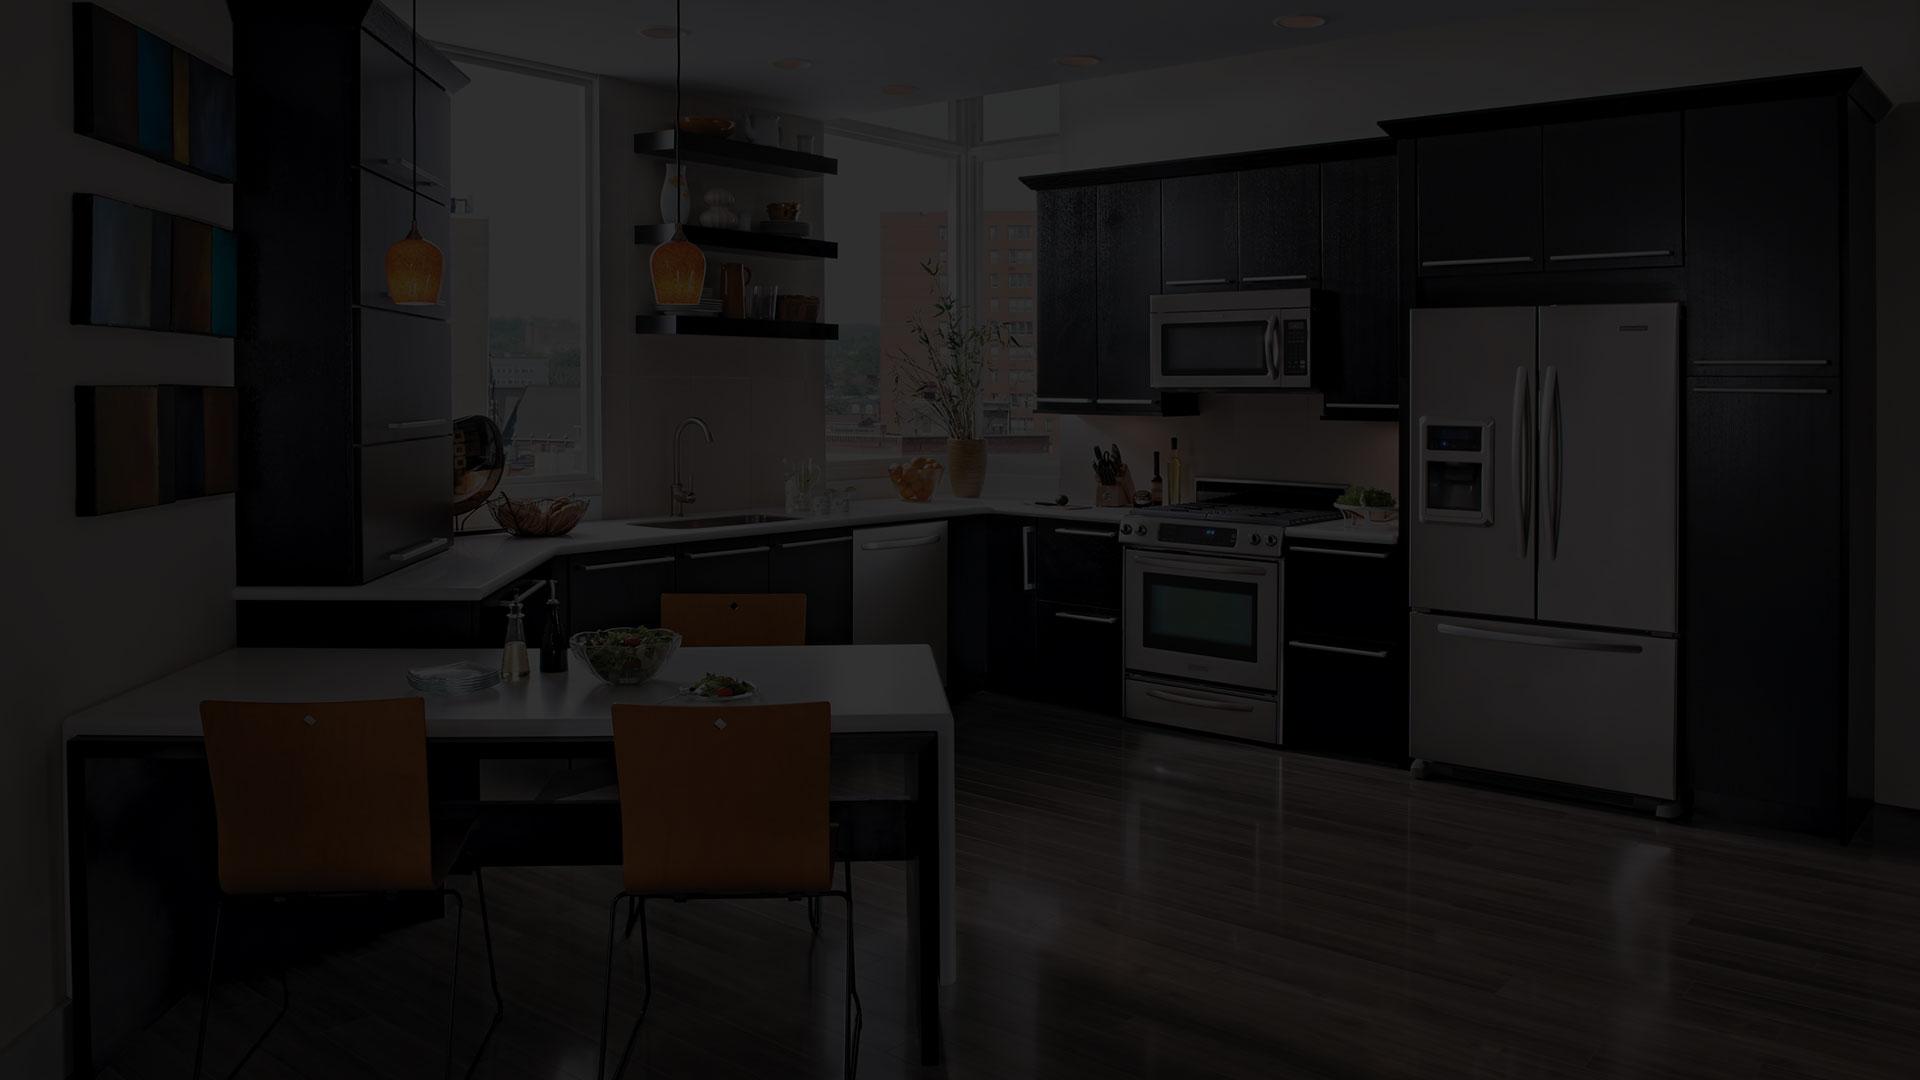 آشپزخانه دلباز- آژانس تبلیغات کربن- دیجیتال مارکتینگ- تبلیغات دیجیتال